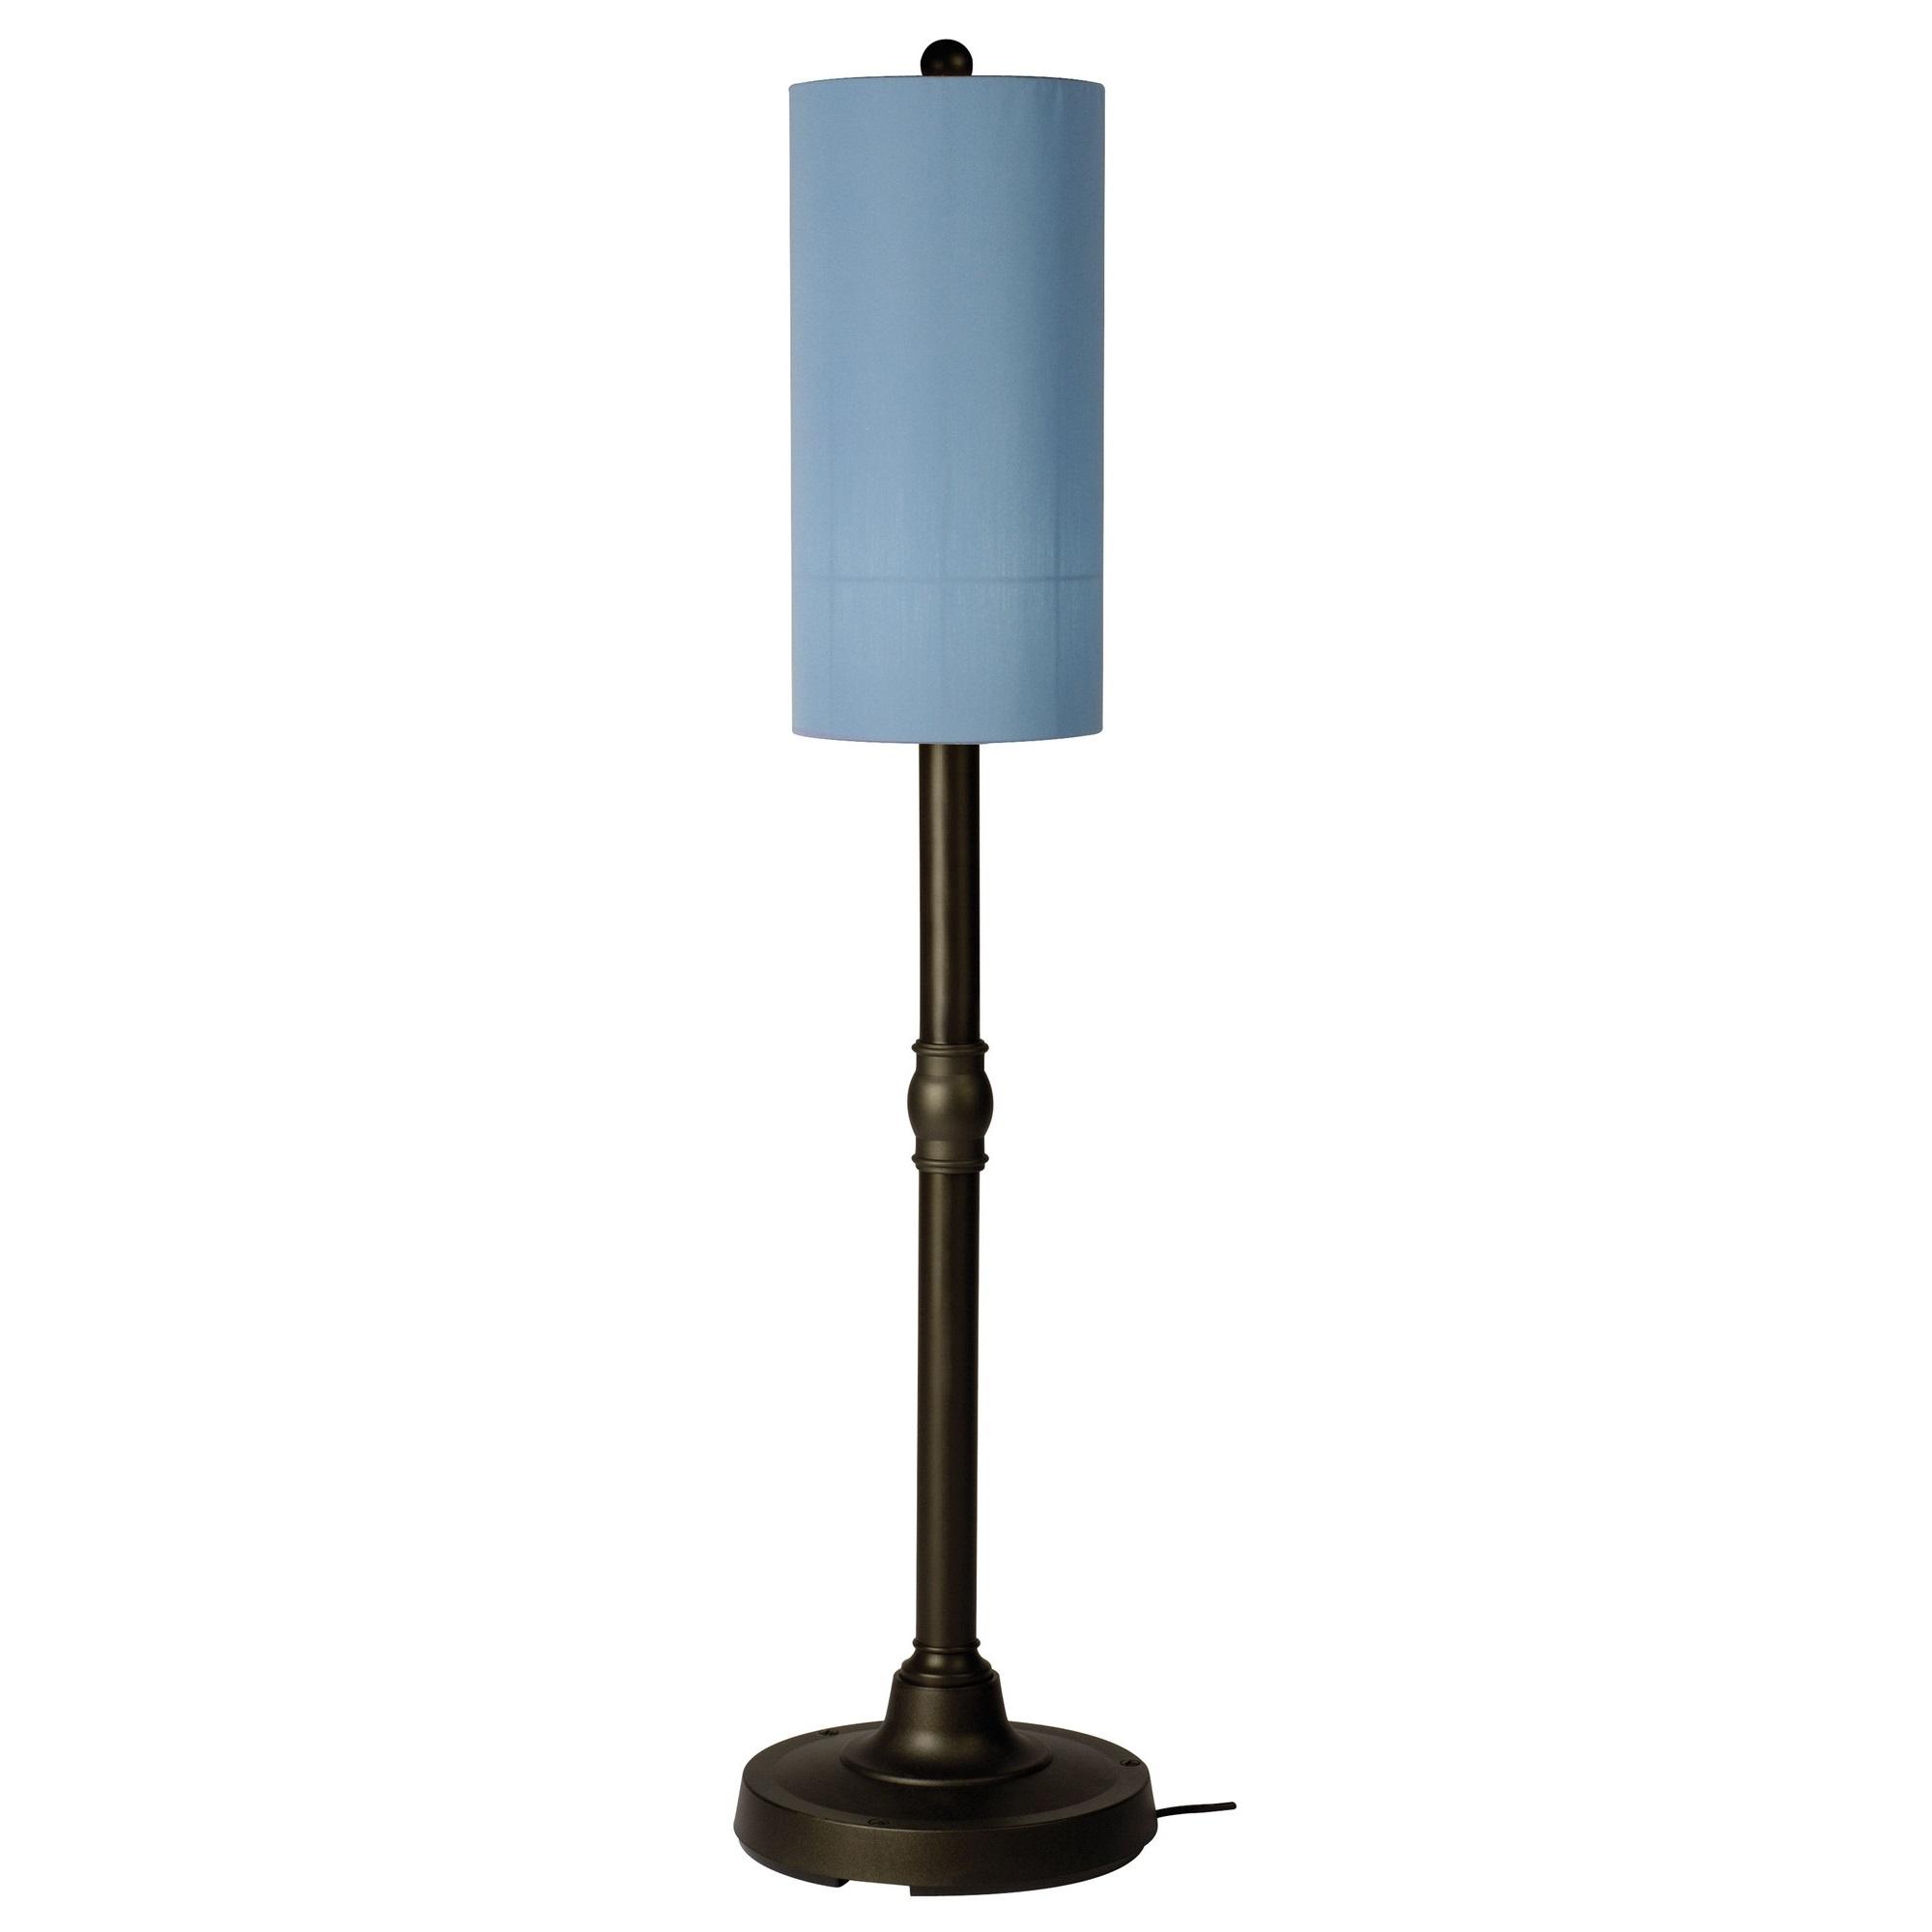 Patio Living Concepts Coronado Outdoor Floor Lamp In Sky